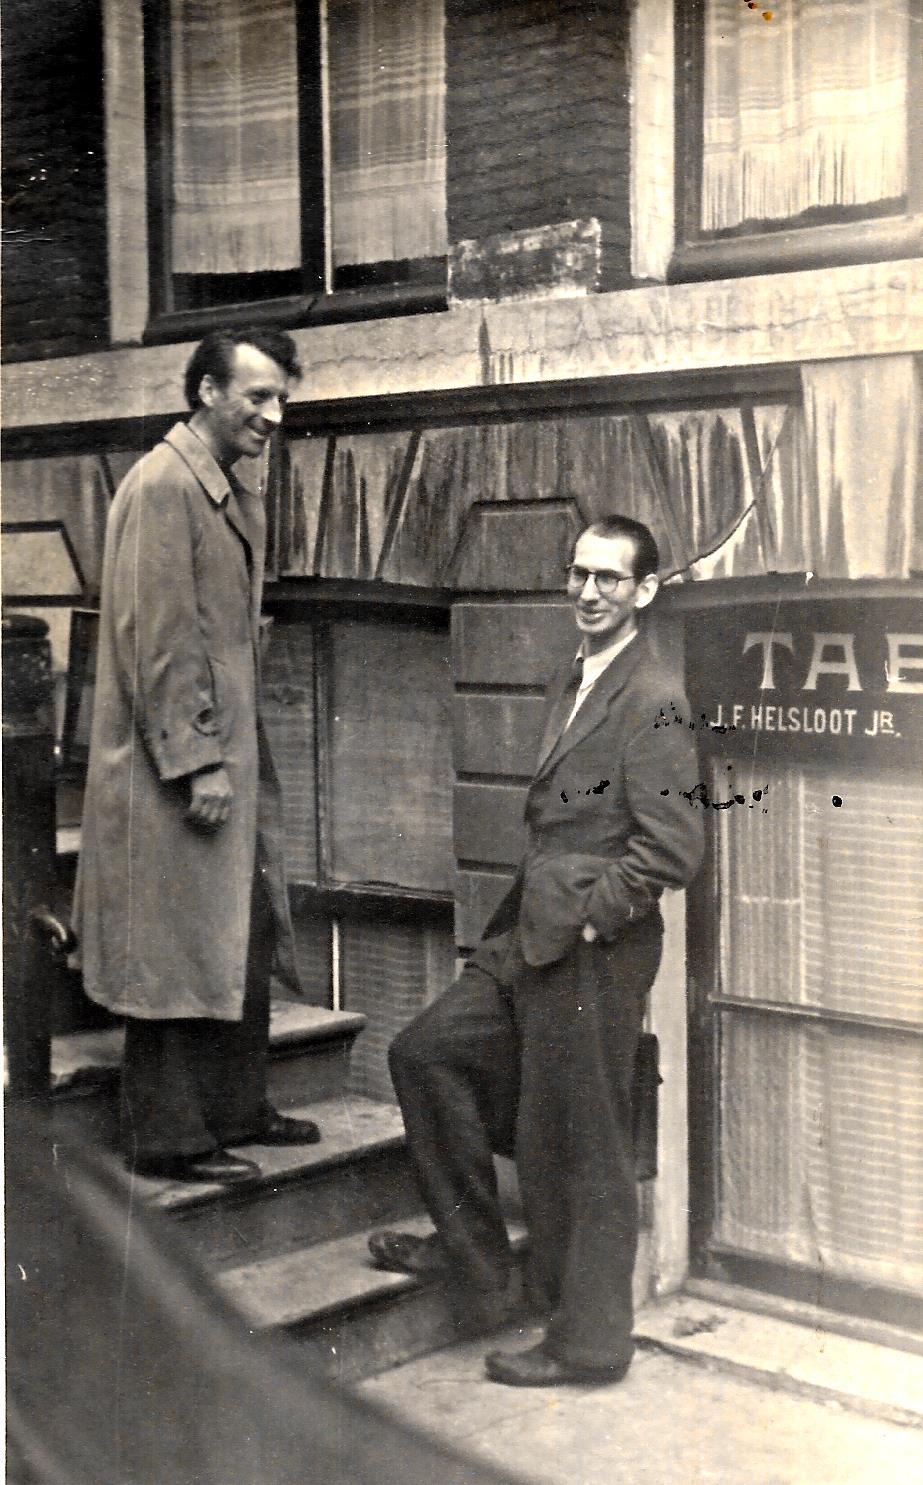 Jacques Dumont en Weynand Grijzen op de stoep van hun appartement aan de Oudezijds voorburgwal.